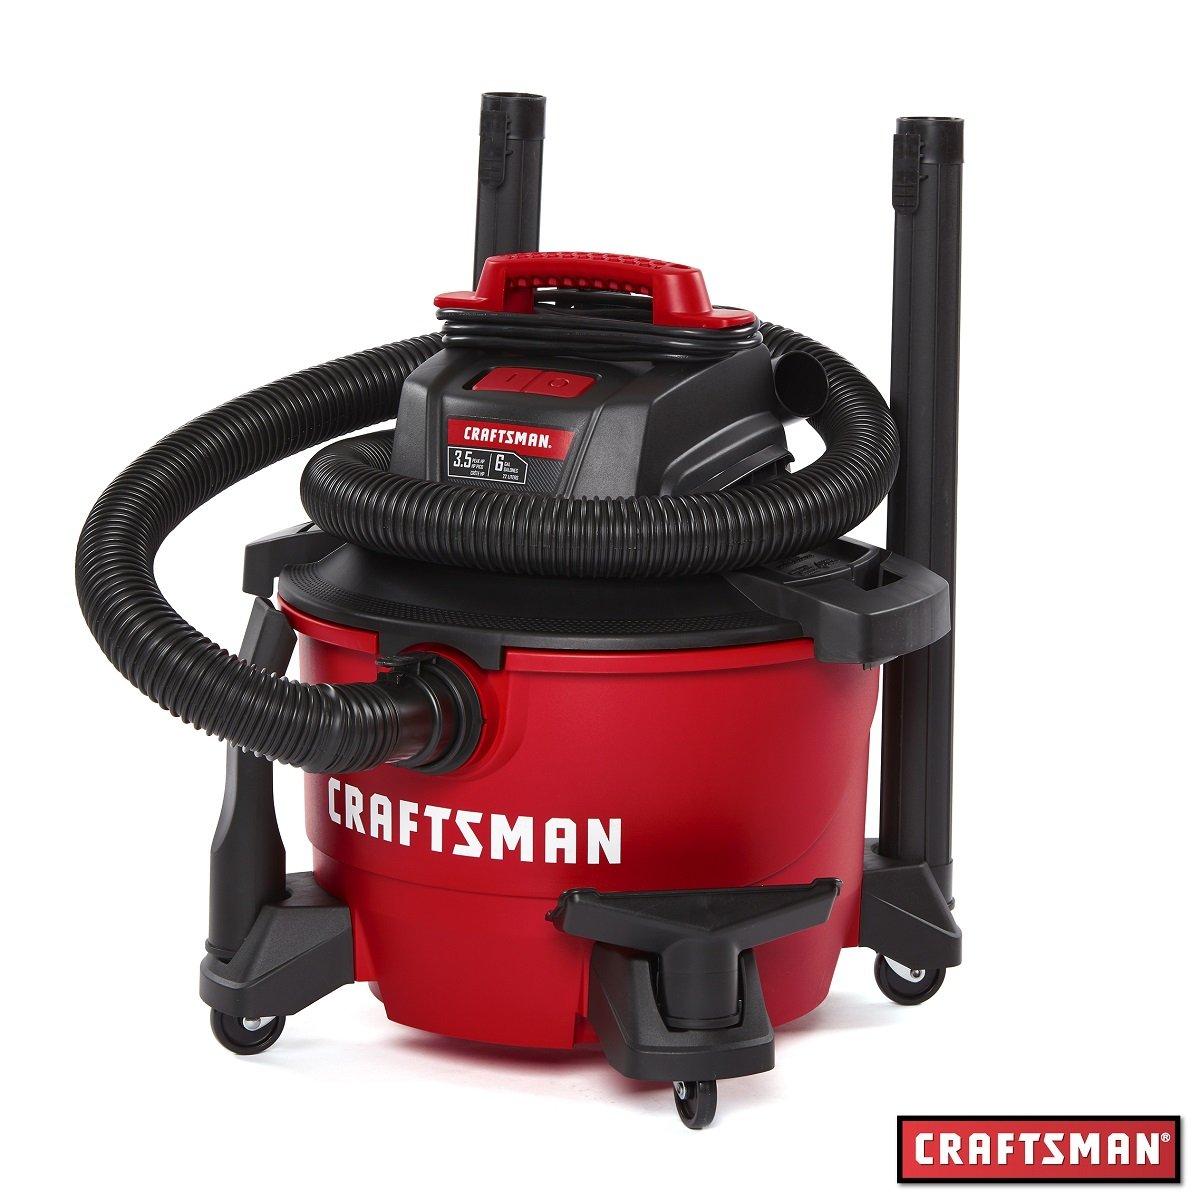 Aspiradora Seco/mojado 6 Galones y 3.5 Hp Craftsman